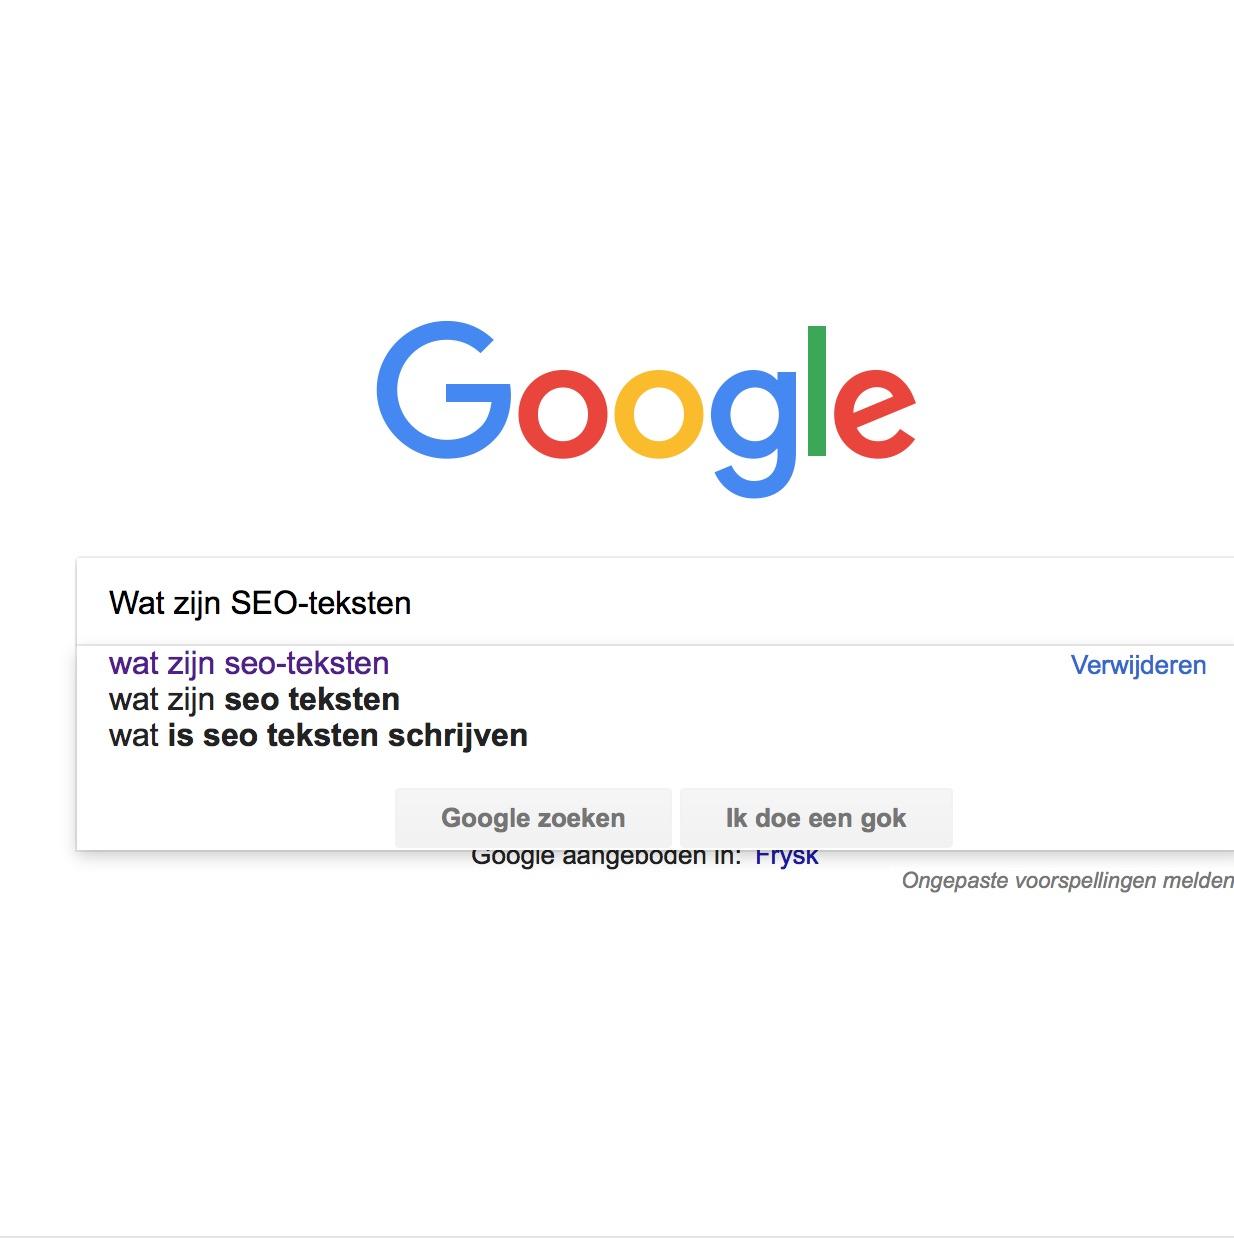 https://www.kimtikt.nl/wp-content/uploads/2018/11/Wat-zijn-SEO-teksten-google-.jpg